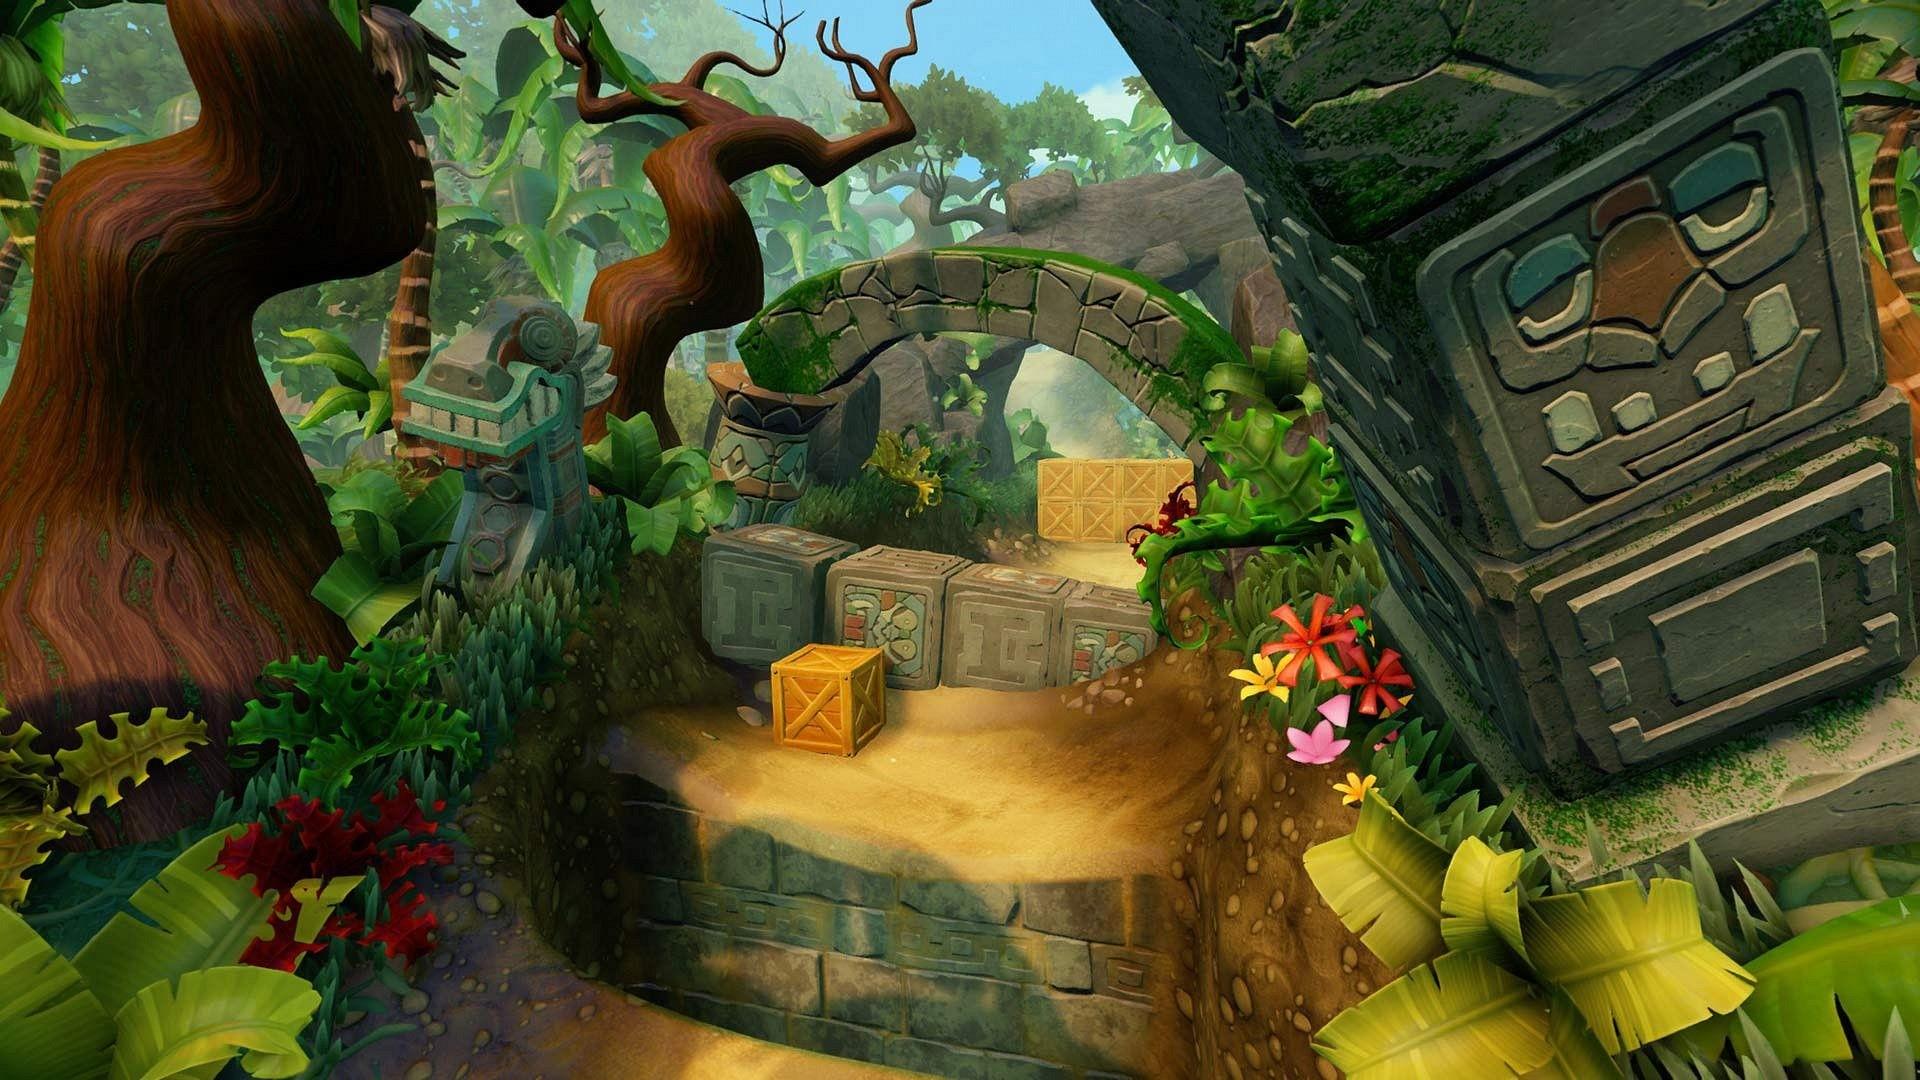 Crash Bandicoot wallpaper photo hd